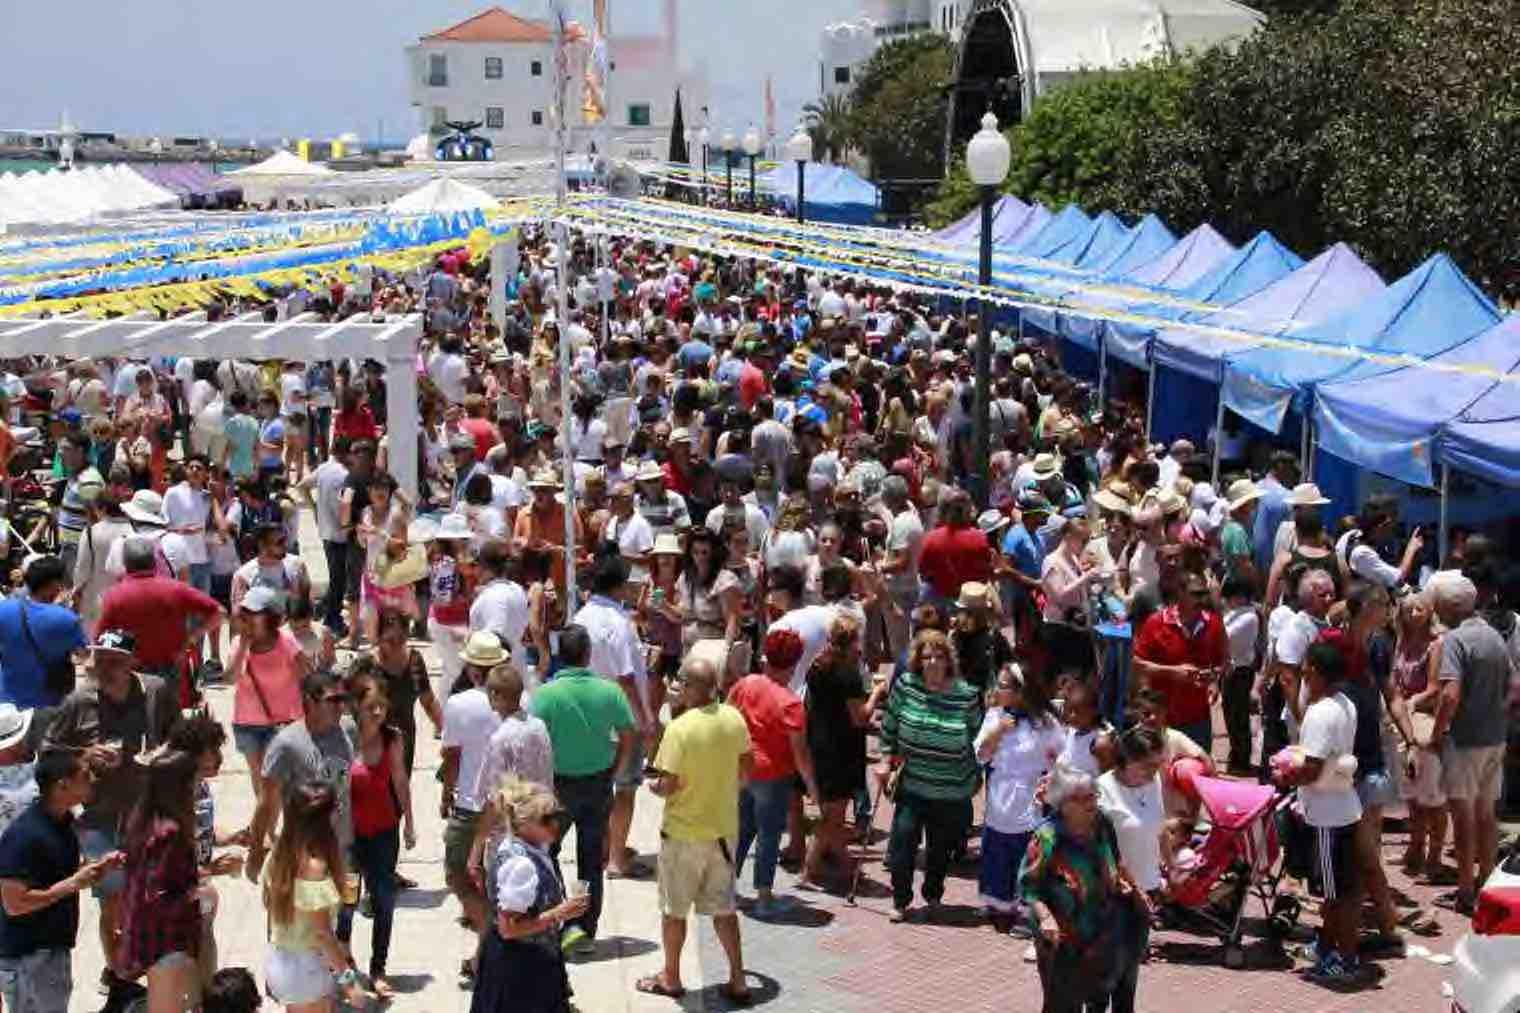 Dia de Canarias 2015 arrecife parque jose ramirez cerda